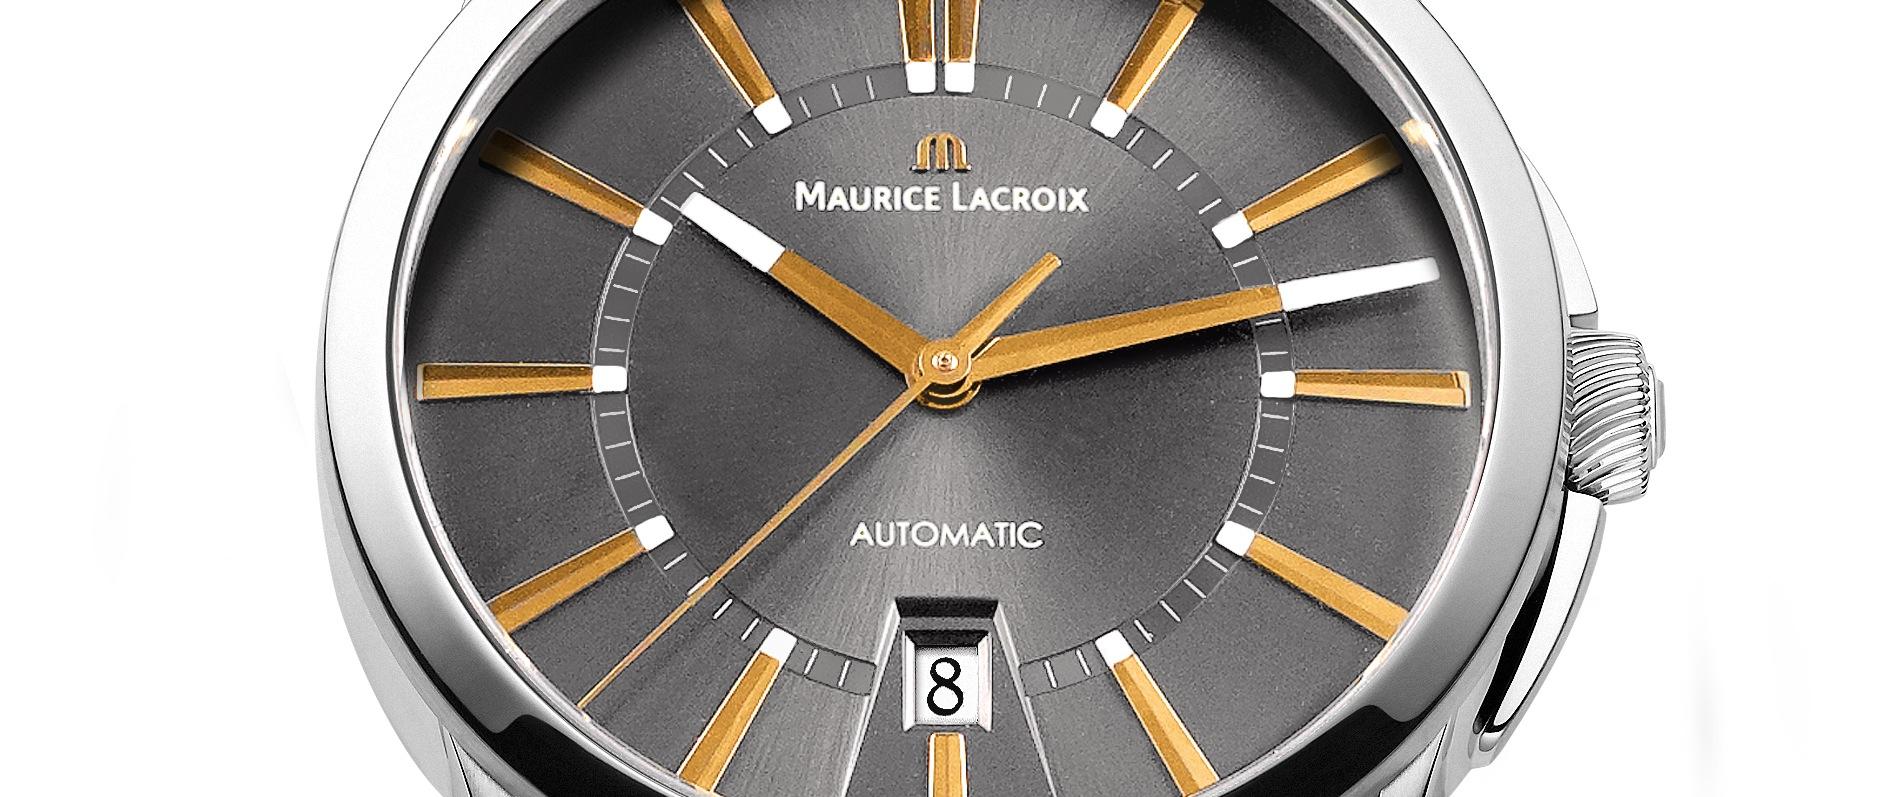 Maurice Lacroix Pontos Limited Edition 2012 Aufmacher